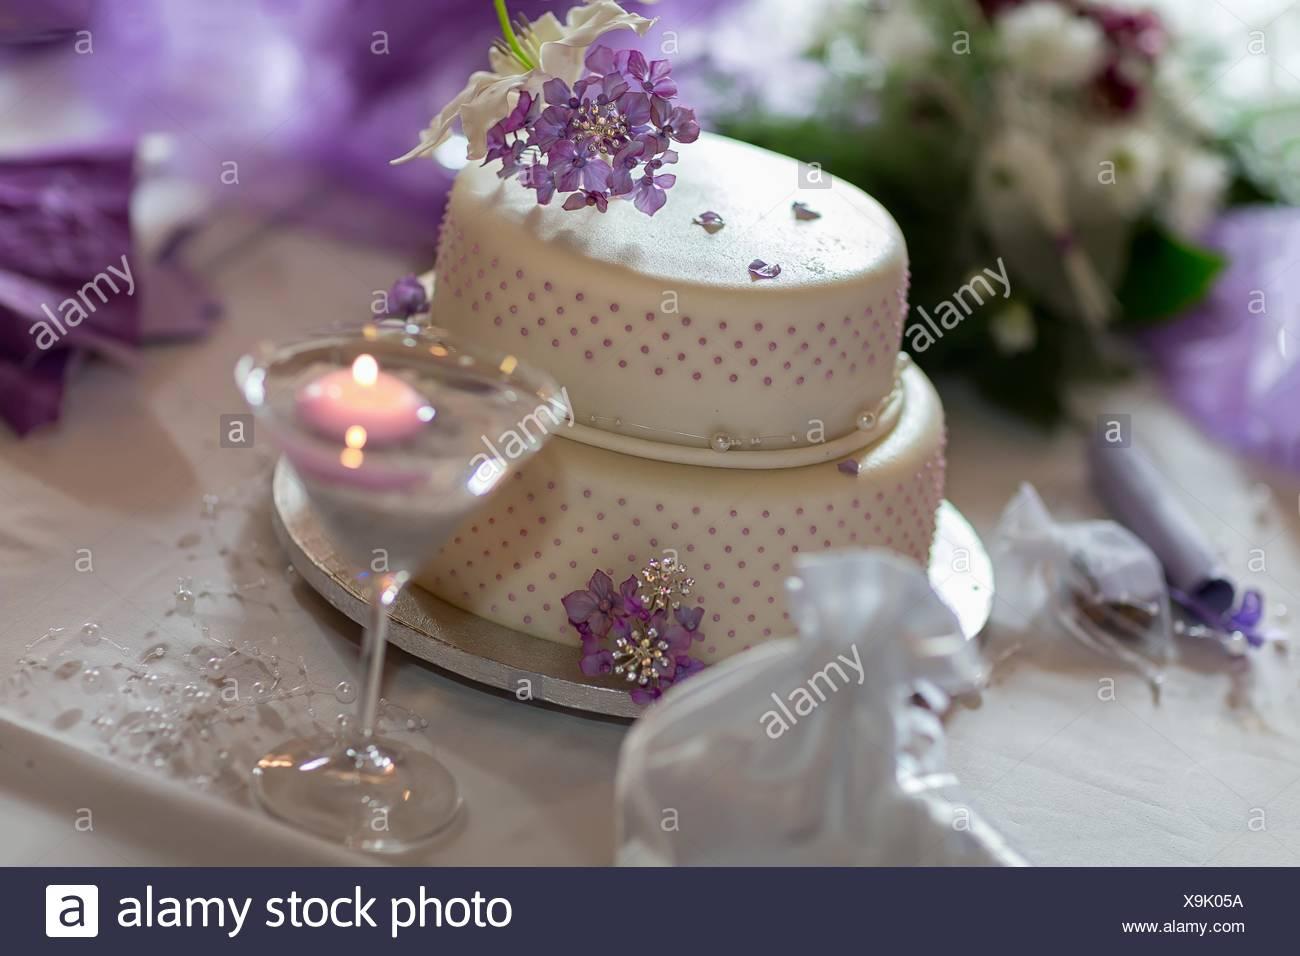 Traditionelle Hochzeitstorte Mit Lila Bluten Stockfoto Bild